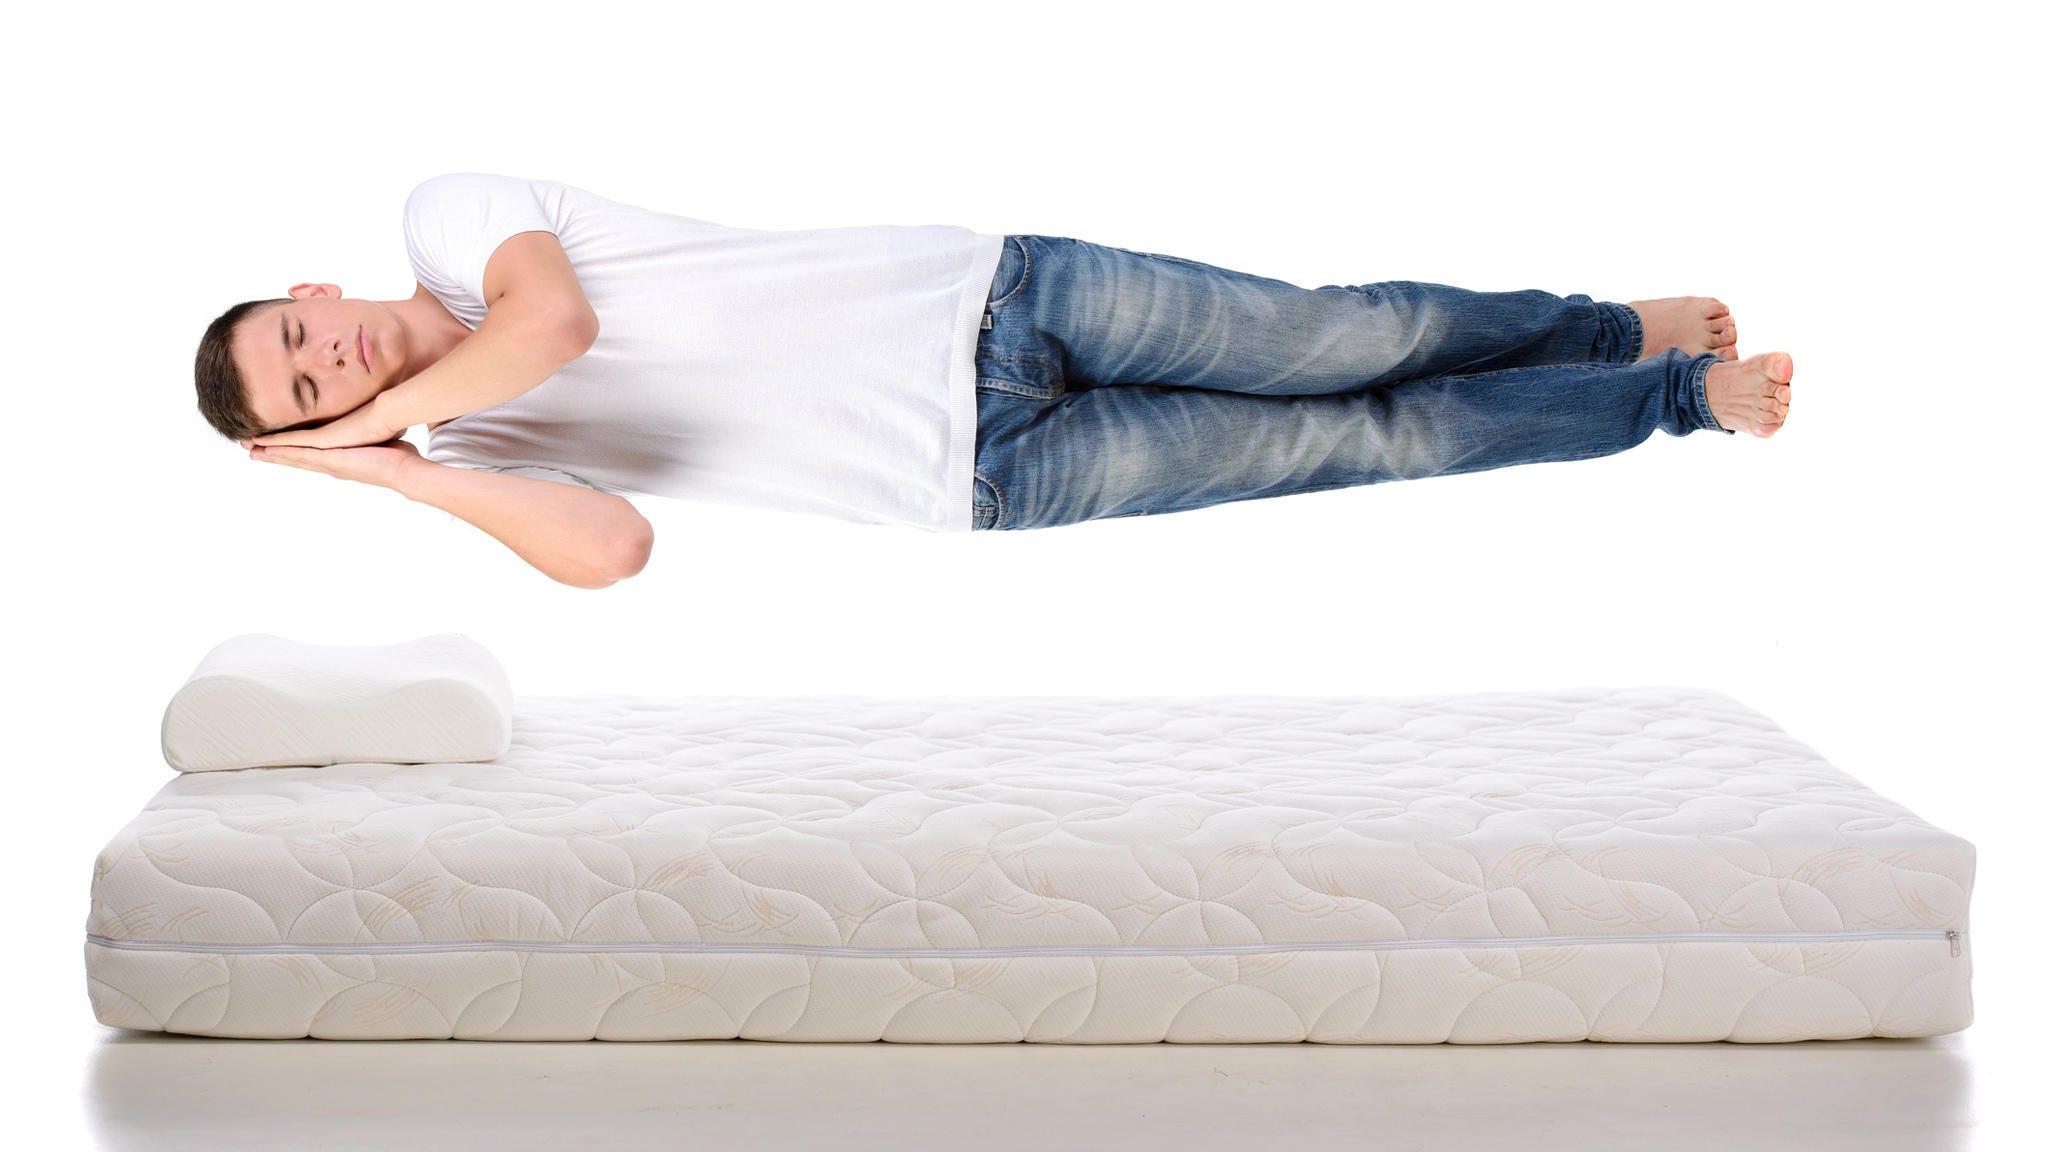 Hasil gambar untuk mattress sleep